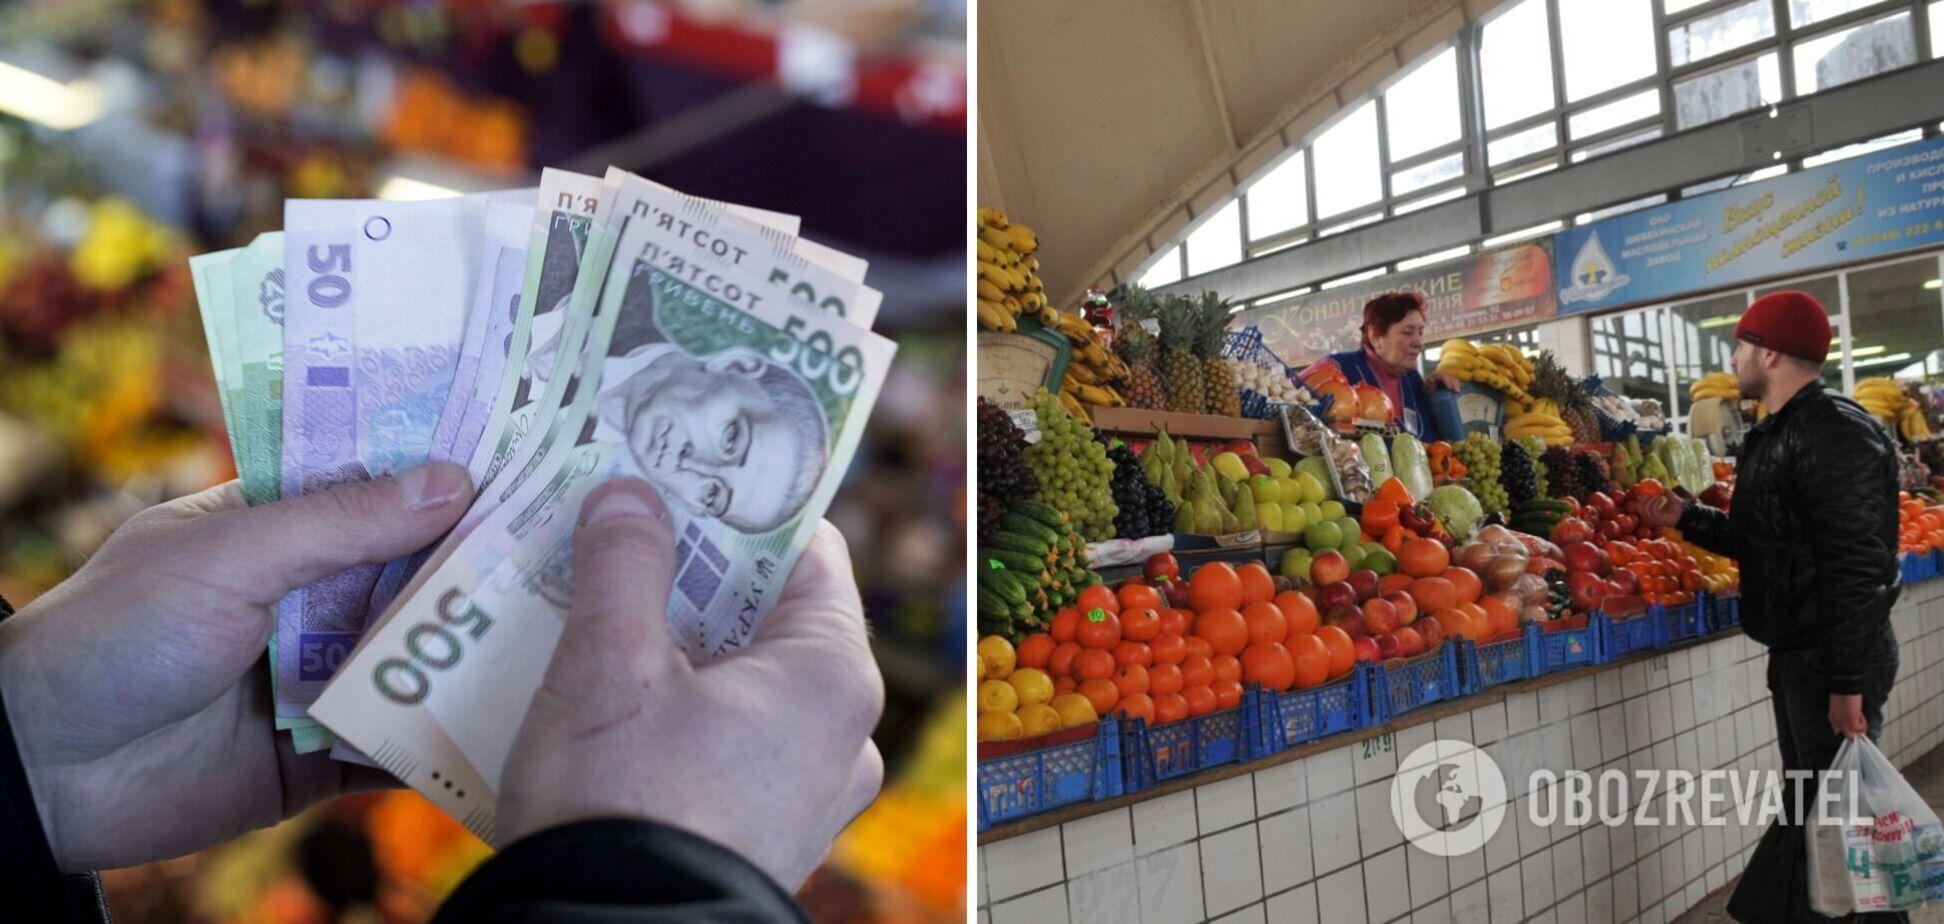 Ціни на овочі в Україні підскочили: що подорожчало найбільше